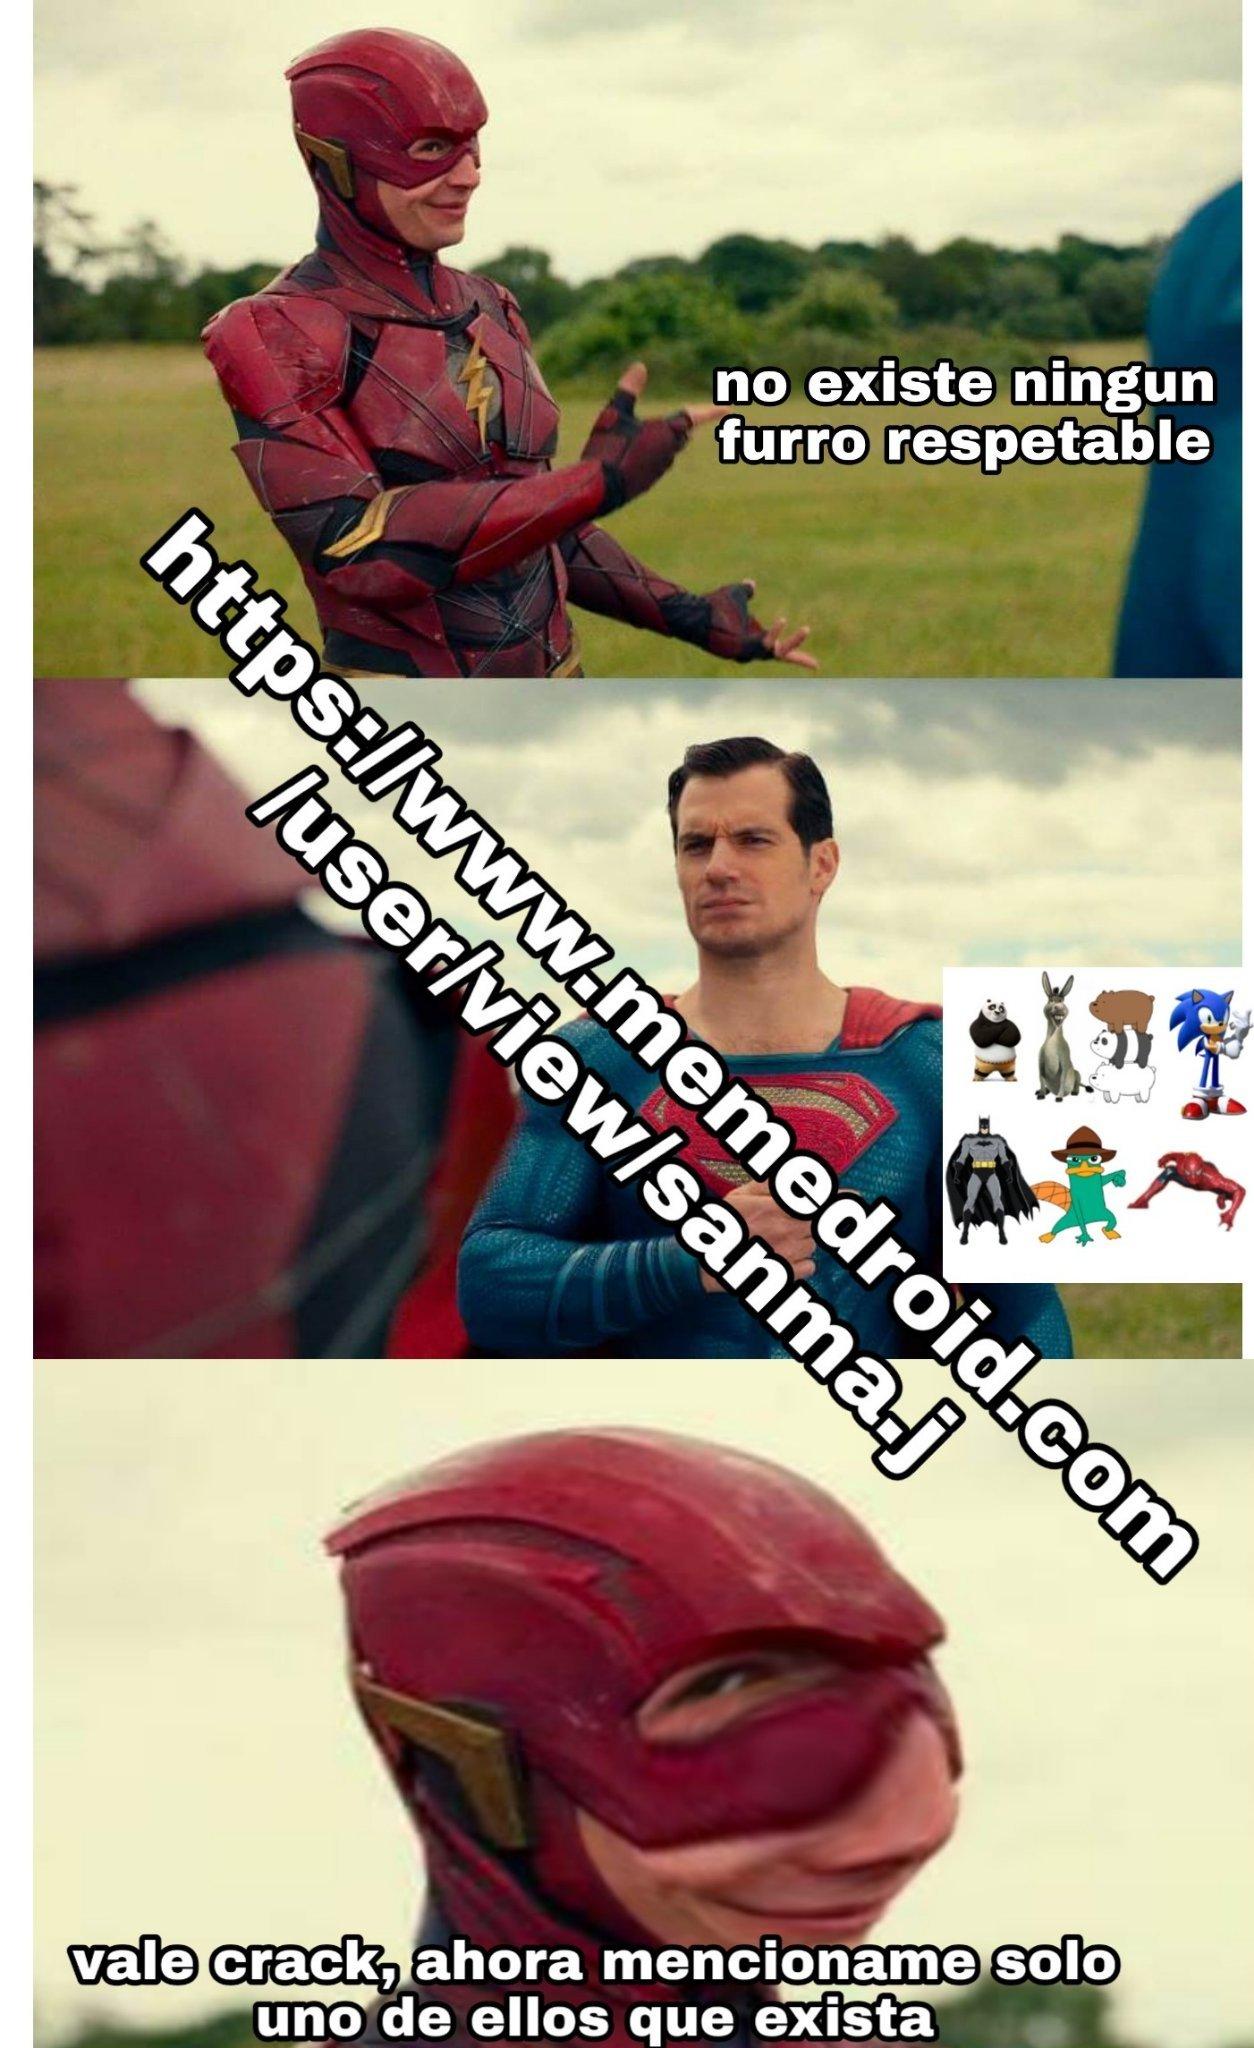 No existen los furros respetables - meme